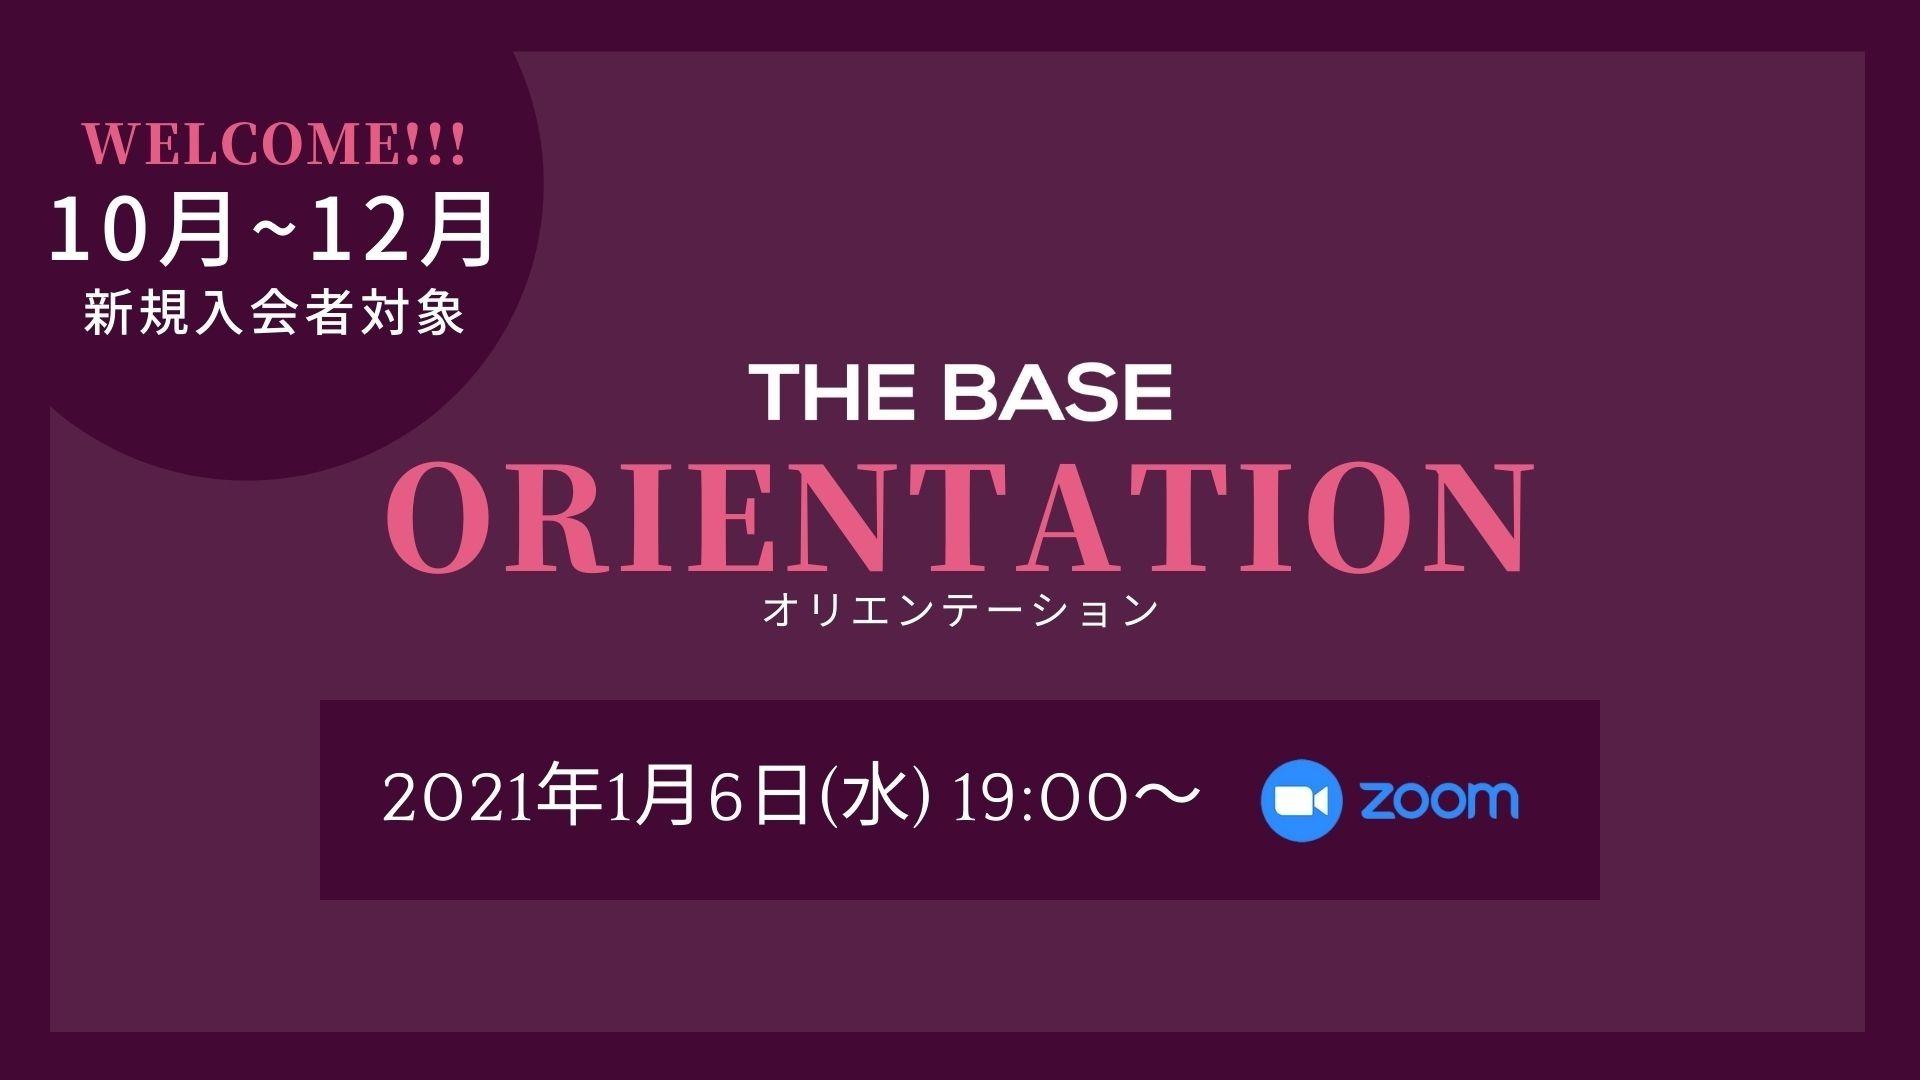 【新規入会者対象】THE BASEオリエンテーション